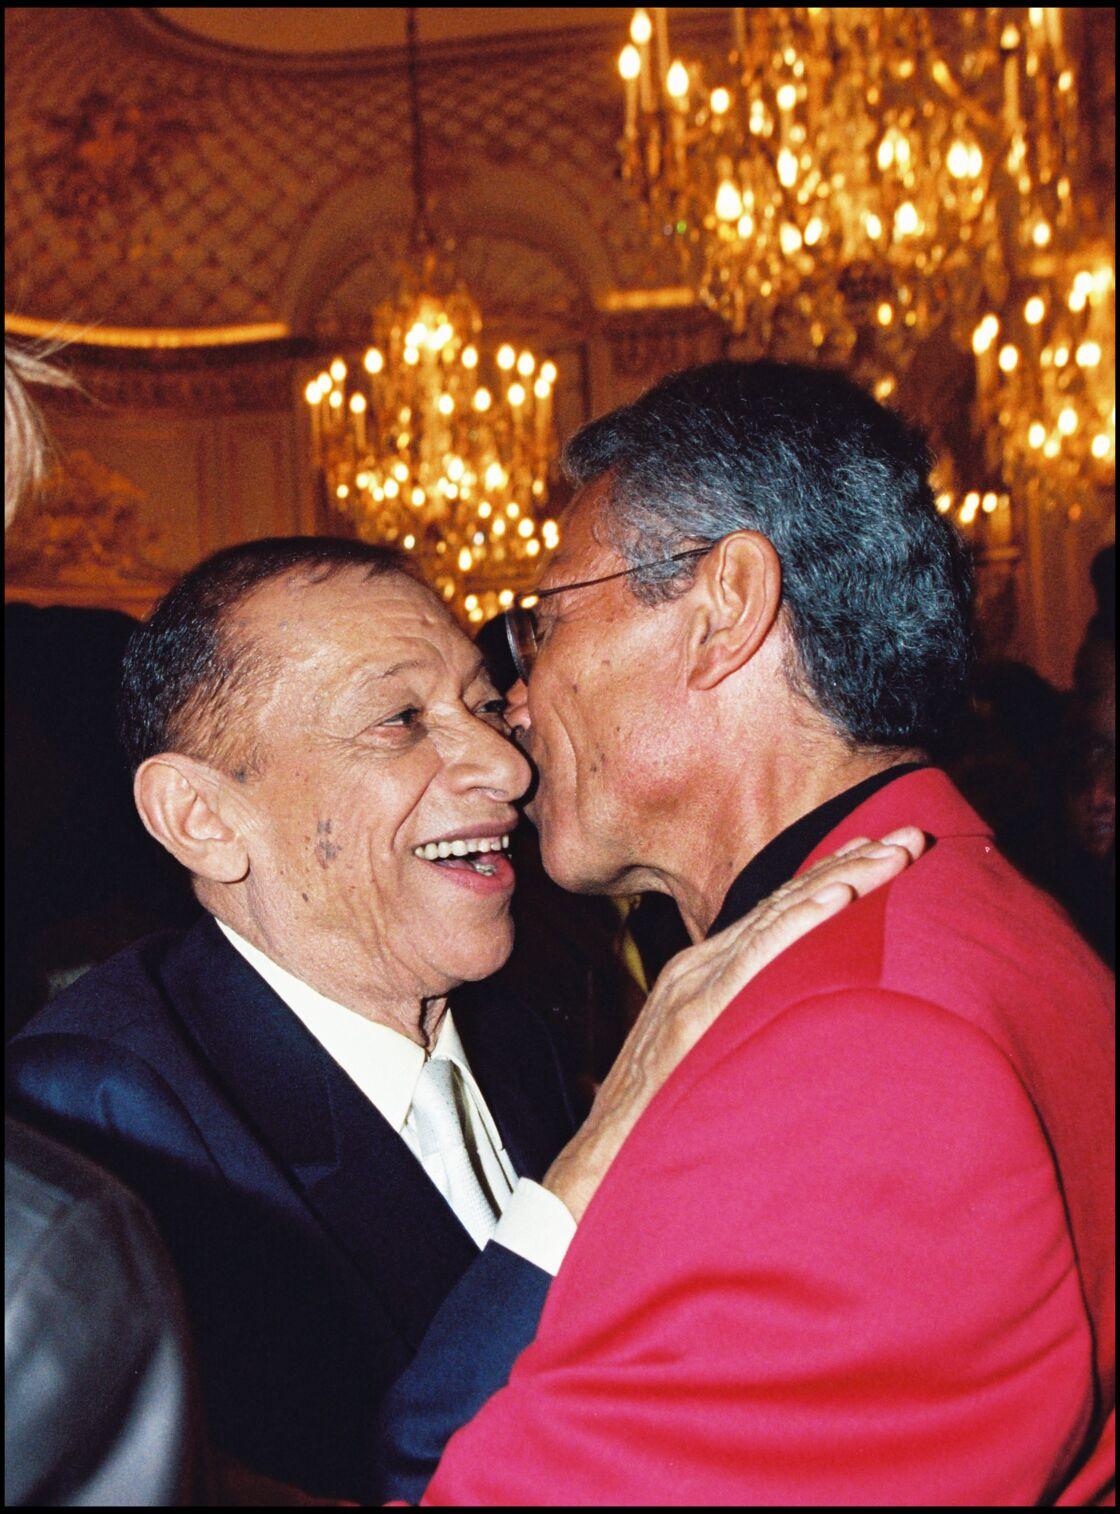 Henri Salvador et Jean-Marie Périer le soir de la première d'Henri Salvador à l'Olympia, à Paris le 24 avril 2001.